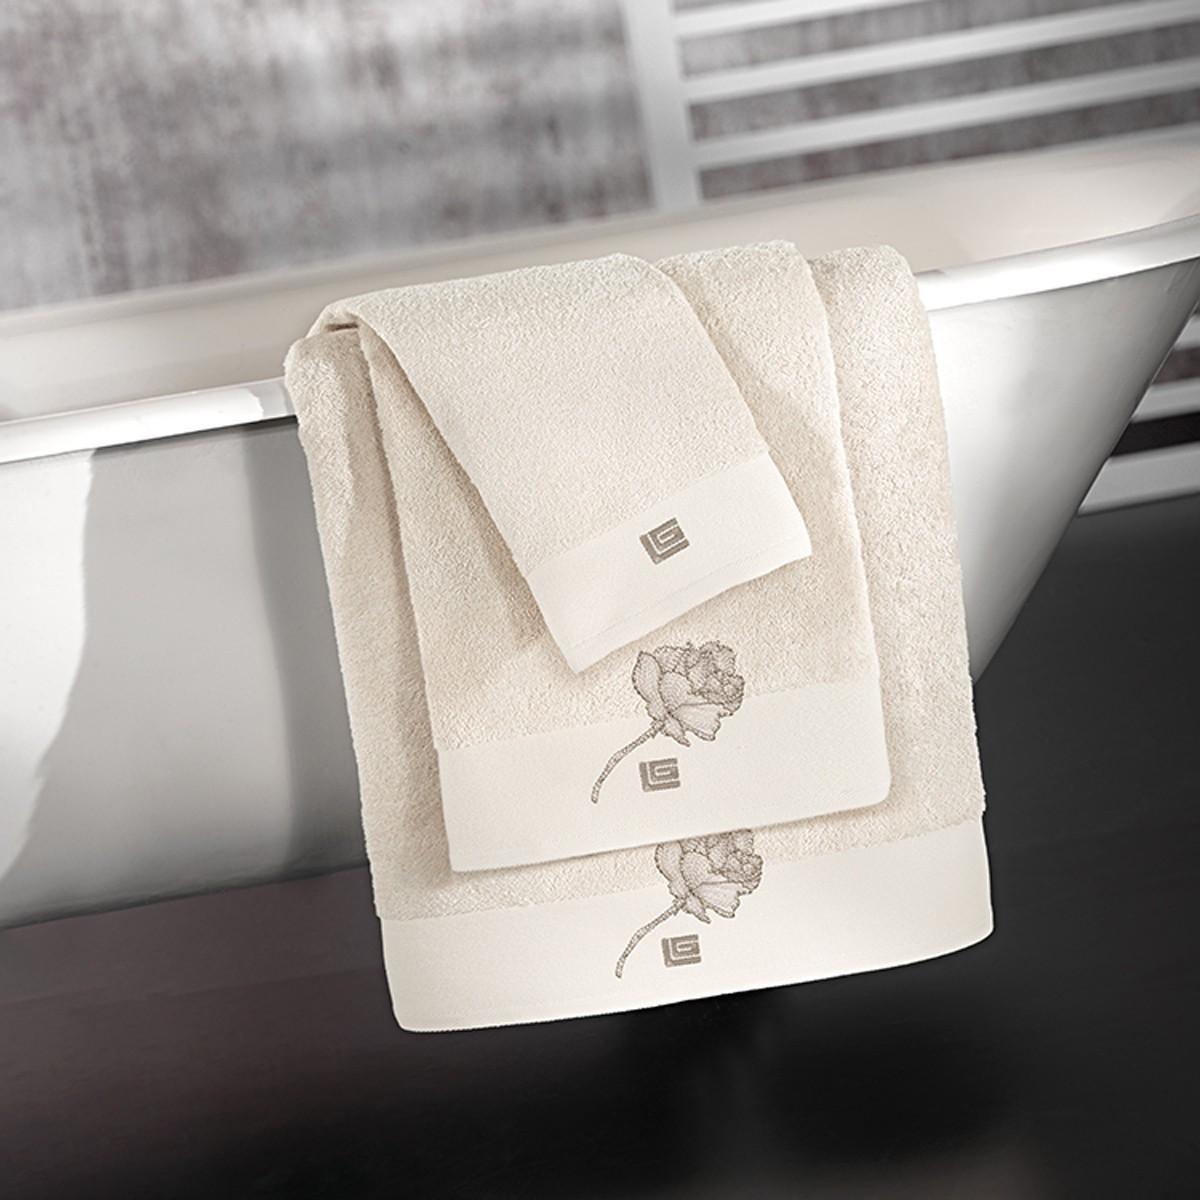 Πετσέτες Μπάνιου (Σετ 3τμχ) Guy Laroche Celia Ivory home   μπάνιο   πετσέτες μπάνιου